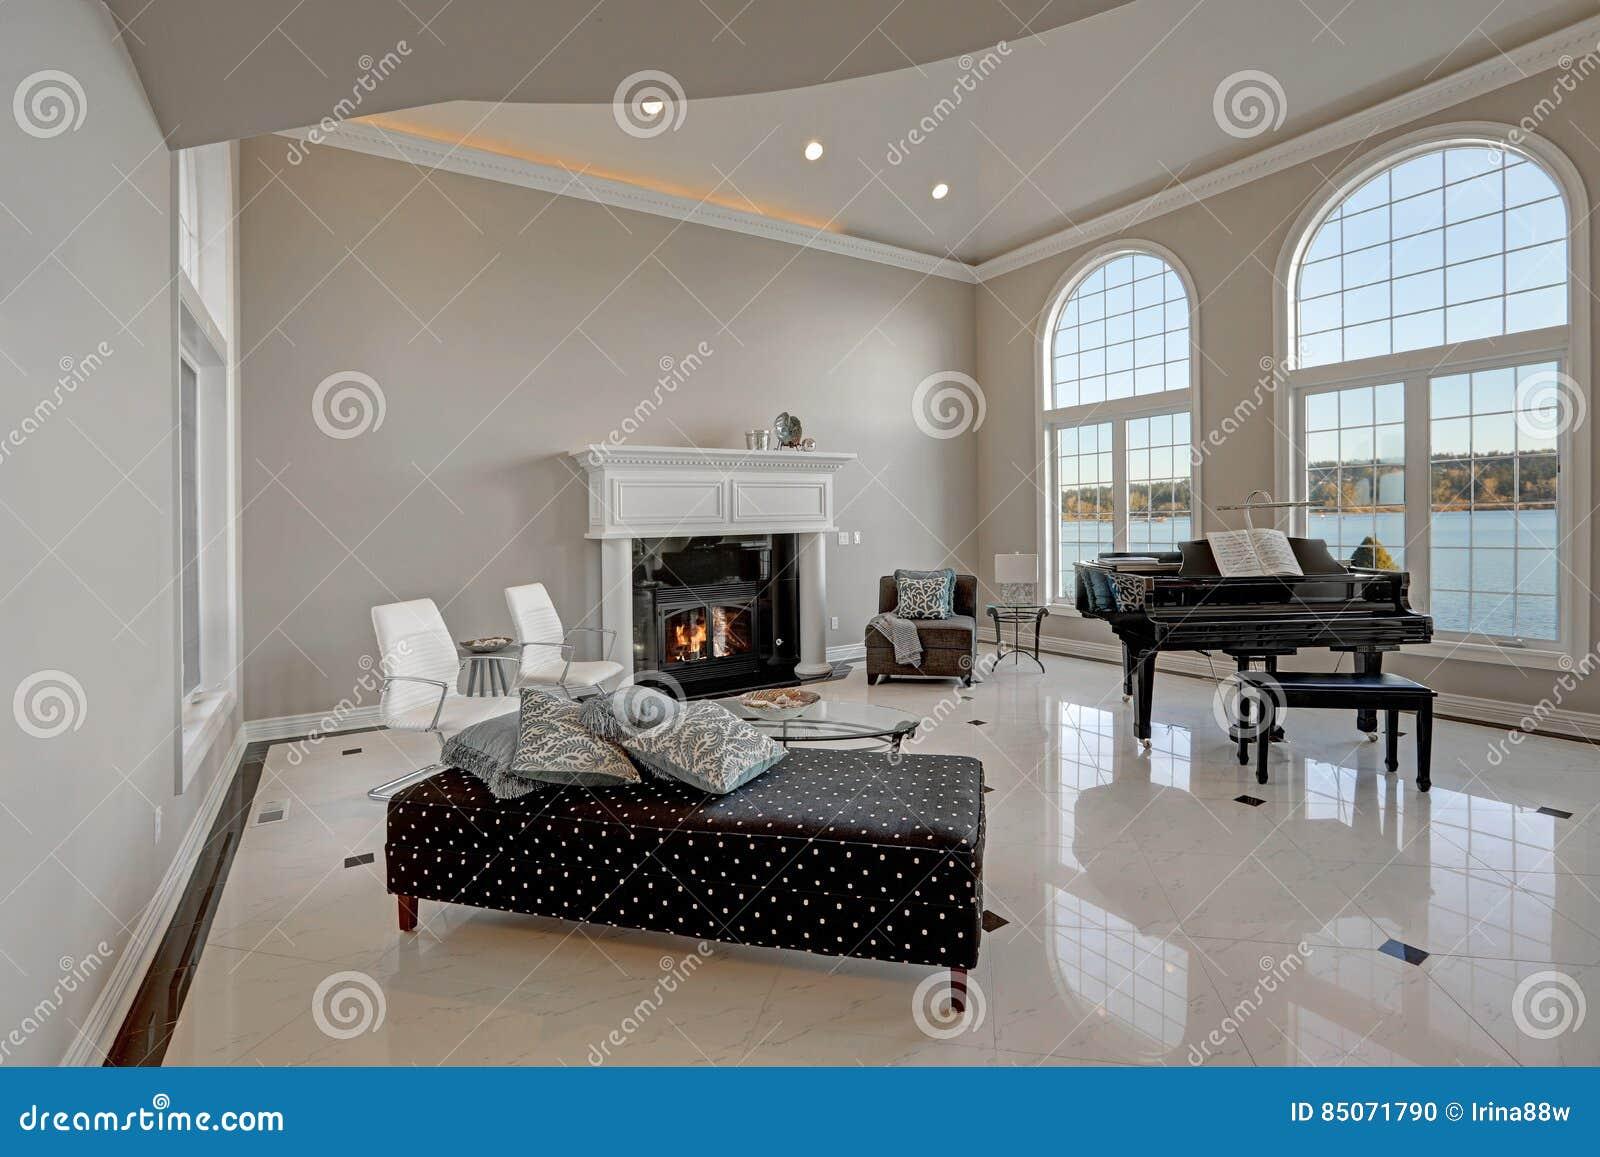 Luxuswohnzimmer Der Hohen Decke Mit Marmorboden Stockfoto Bild Von Luxuswohnzimmer Decke 85071790